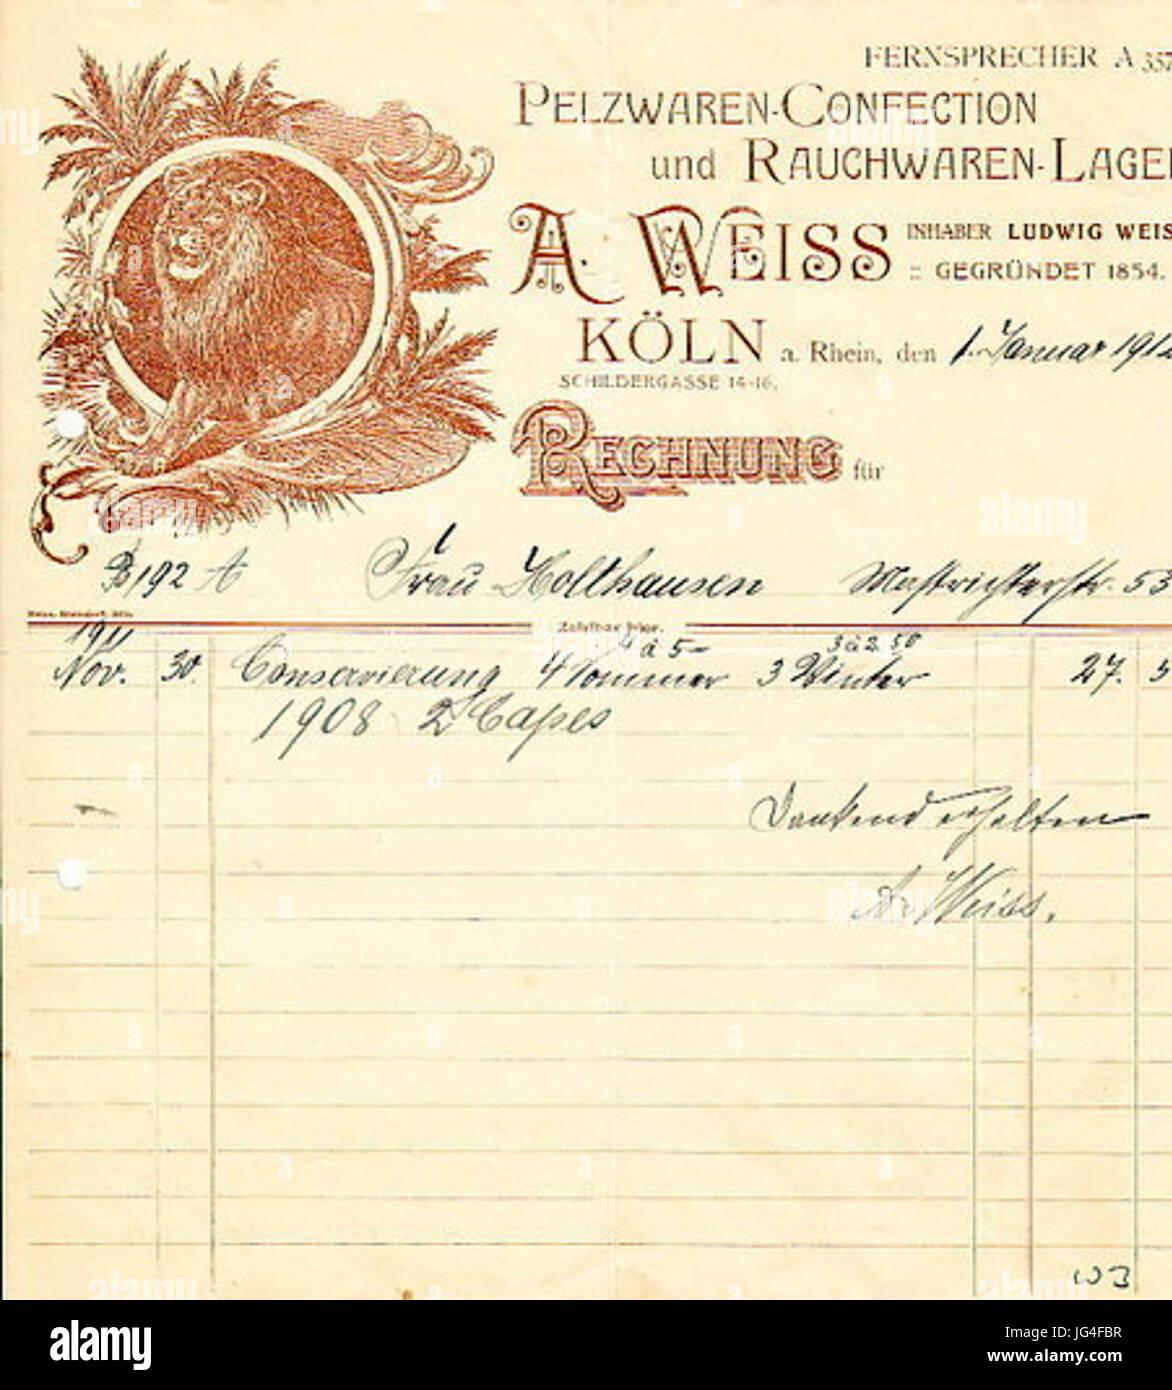 Pelzwaren A. Weiss Köln 1912 Konservierungs-Rechnung Stockbild